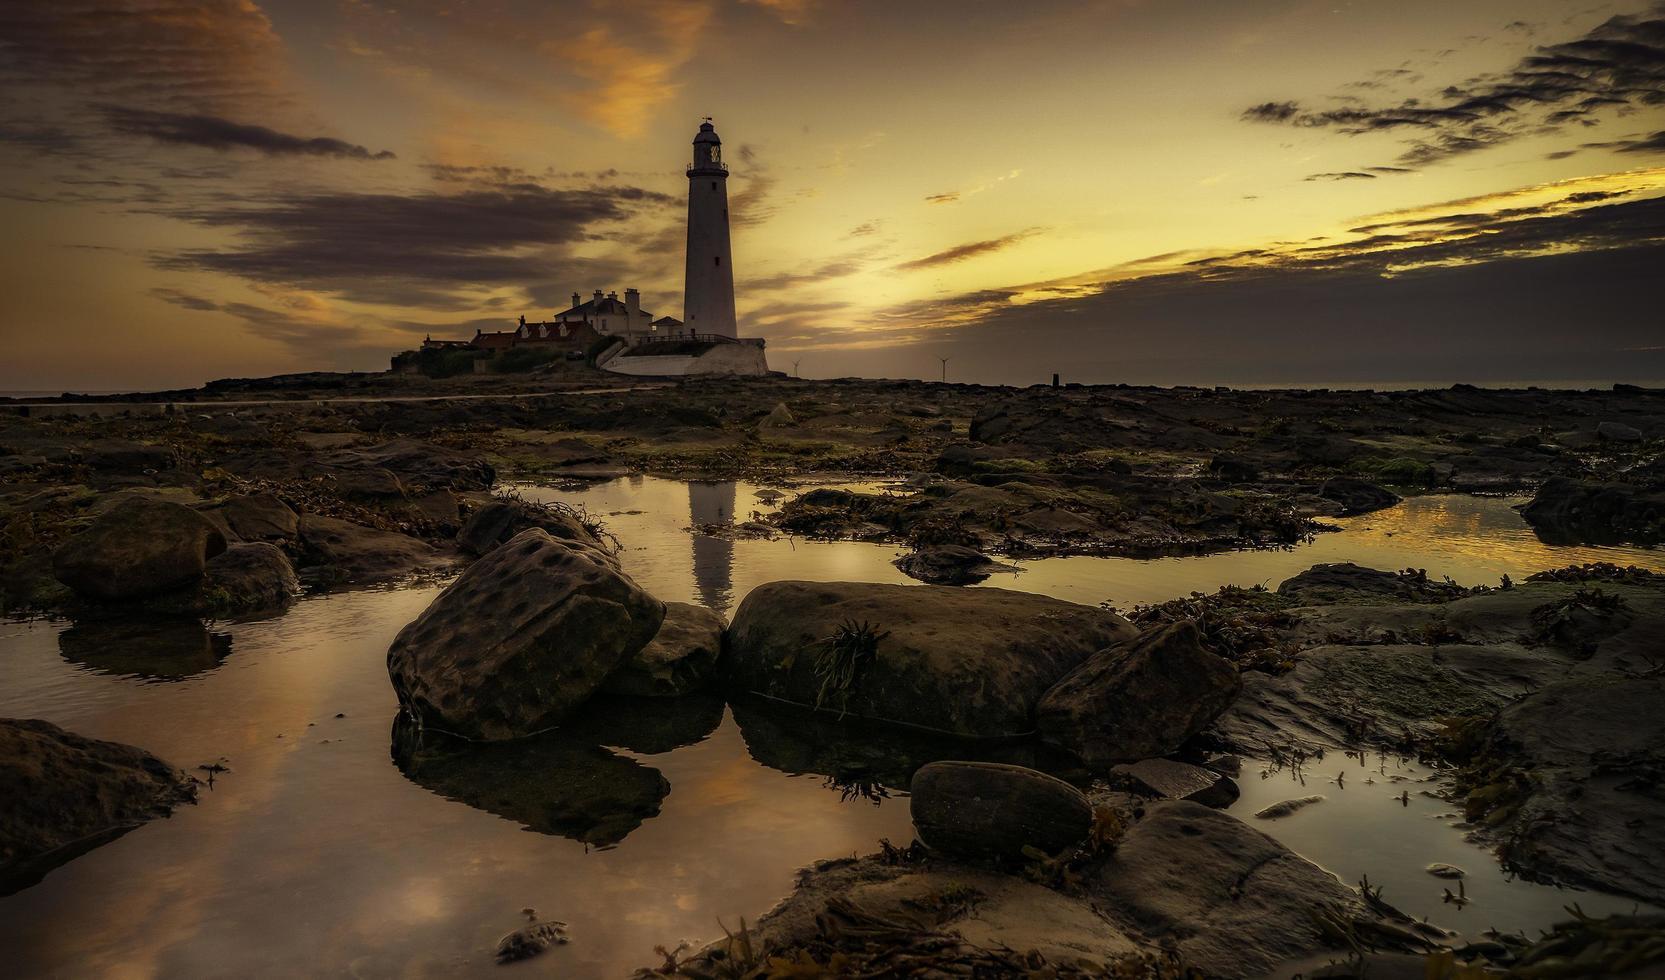 phare sur la côte rocheuse pendant le coucher du soleil photo